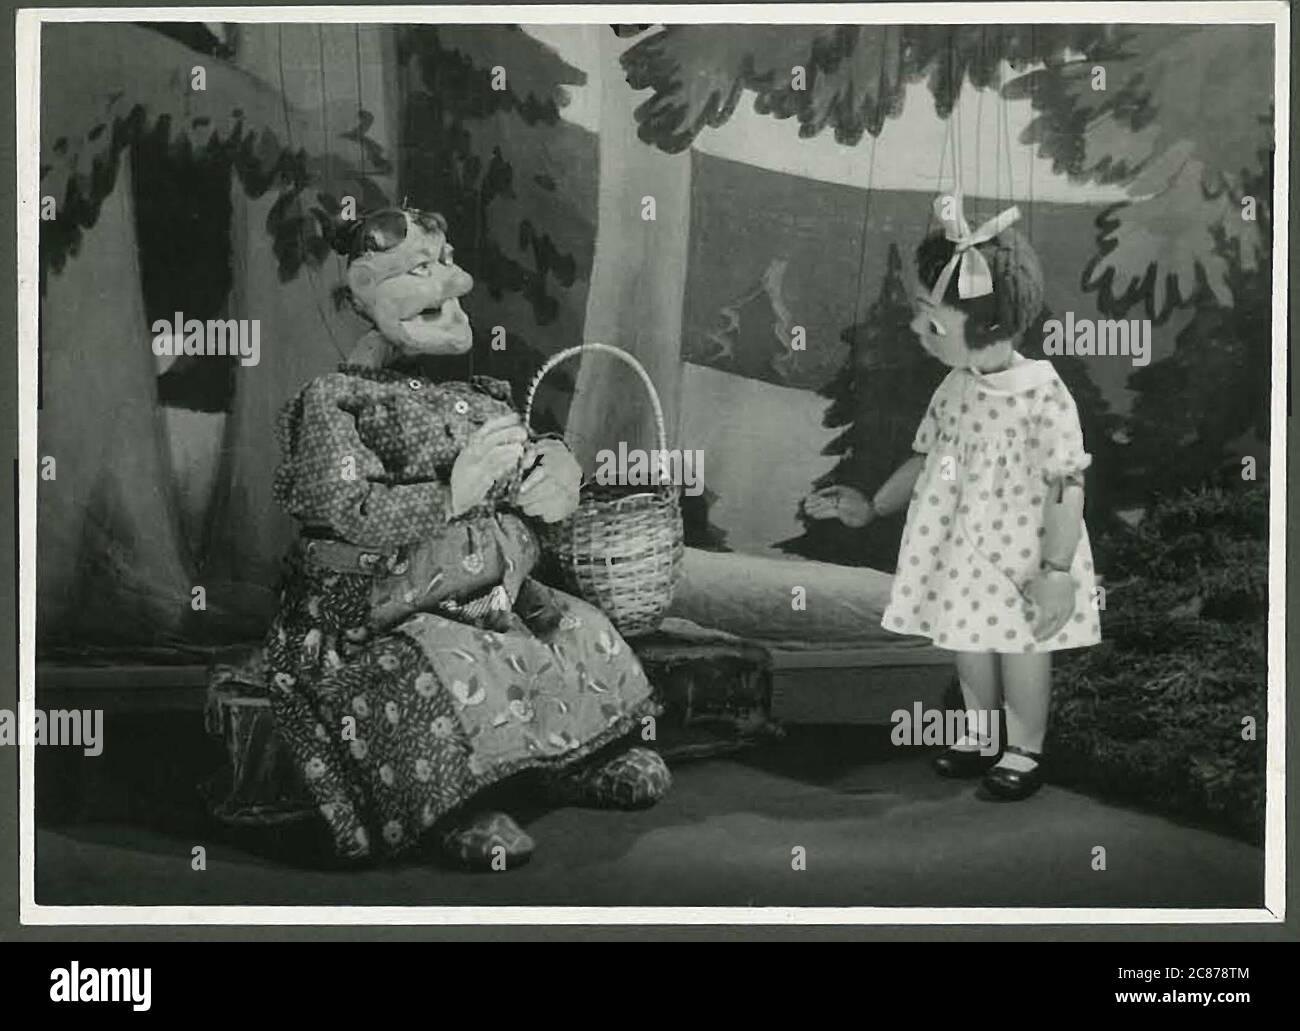 Professor Josef Skupa (1892-1957) war ein tschechischer Puppenspieler, der Anfang der 1920er Jahre seine berühmtesten Puppen schuf: Den komischen Vater Spejbl und seinen raschalischen Sohn Hurvinek, der 1930 das erste] moderne professionelle Puppentheater aufbaute. Während der nationalsozialistischen Besetzung der Tschechoslowakei führte Skupa auf Hunderten von Bühnen in der gesamten Tschechoslowakei satirische und allegorische Puppenspiele durch, die zur Inhaftierung der Marionetten durch die Nazis führten (in einem Aktenschrank!) Für das sein im Allgemeinen zu subversiv. Nach 1945 produzierte Skupa weiterhin Arbeit für Kinder und Erwachsene in der Tschechoslowakei und trat auch im Ausland auf. Mani Stockfoto